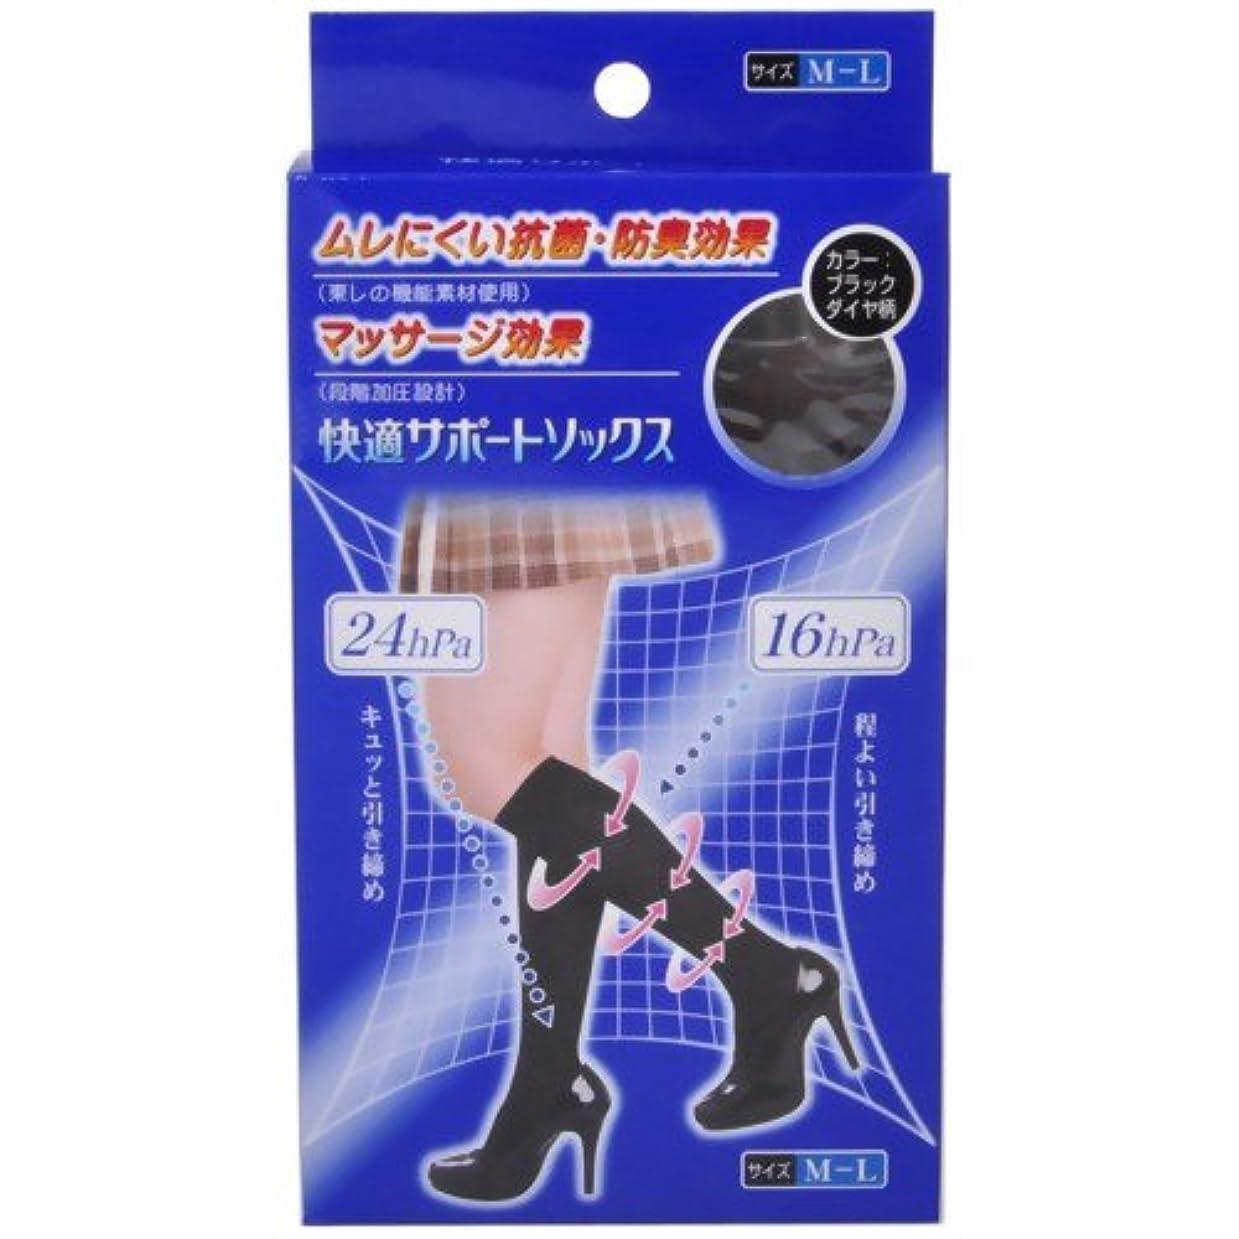 制裁サーバントトランスミッションピバンナー 快適サポートソックス(男女兼用) ブラックダイヤ柄 M-L